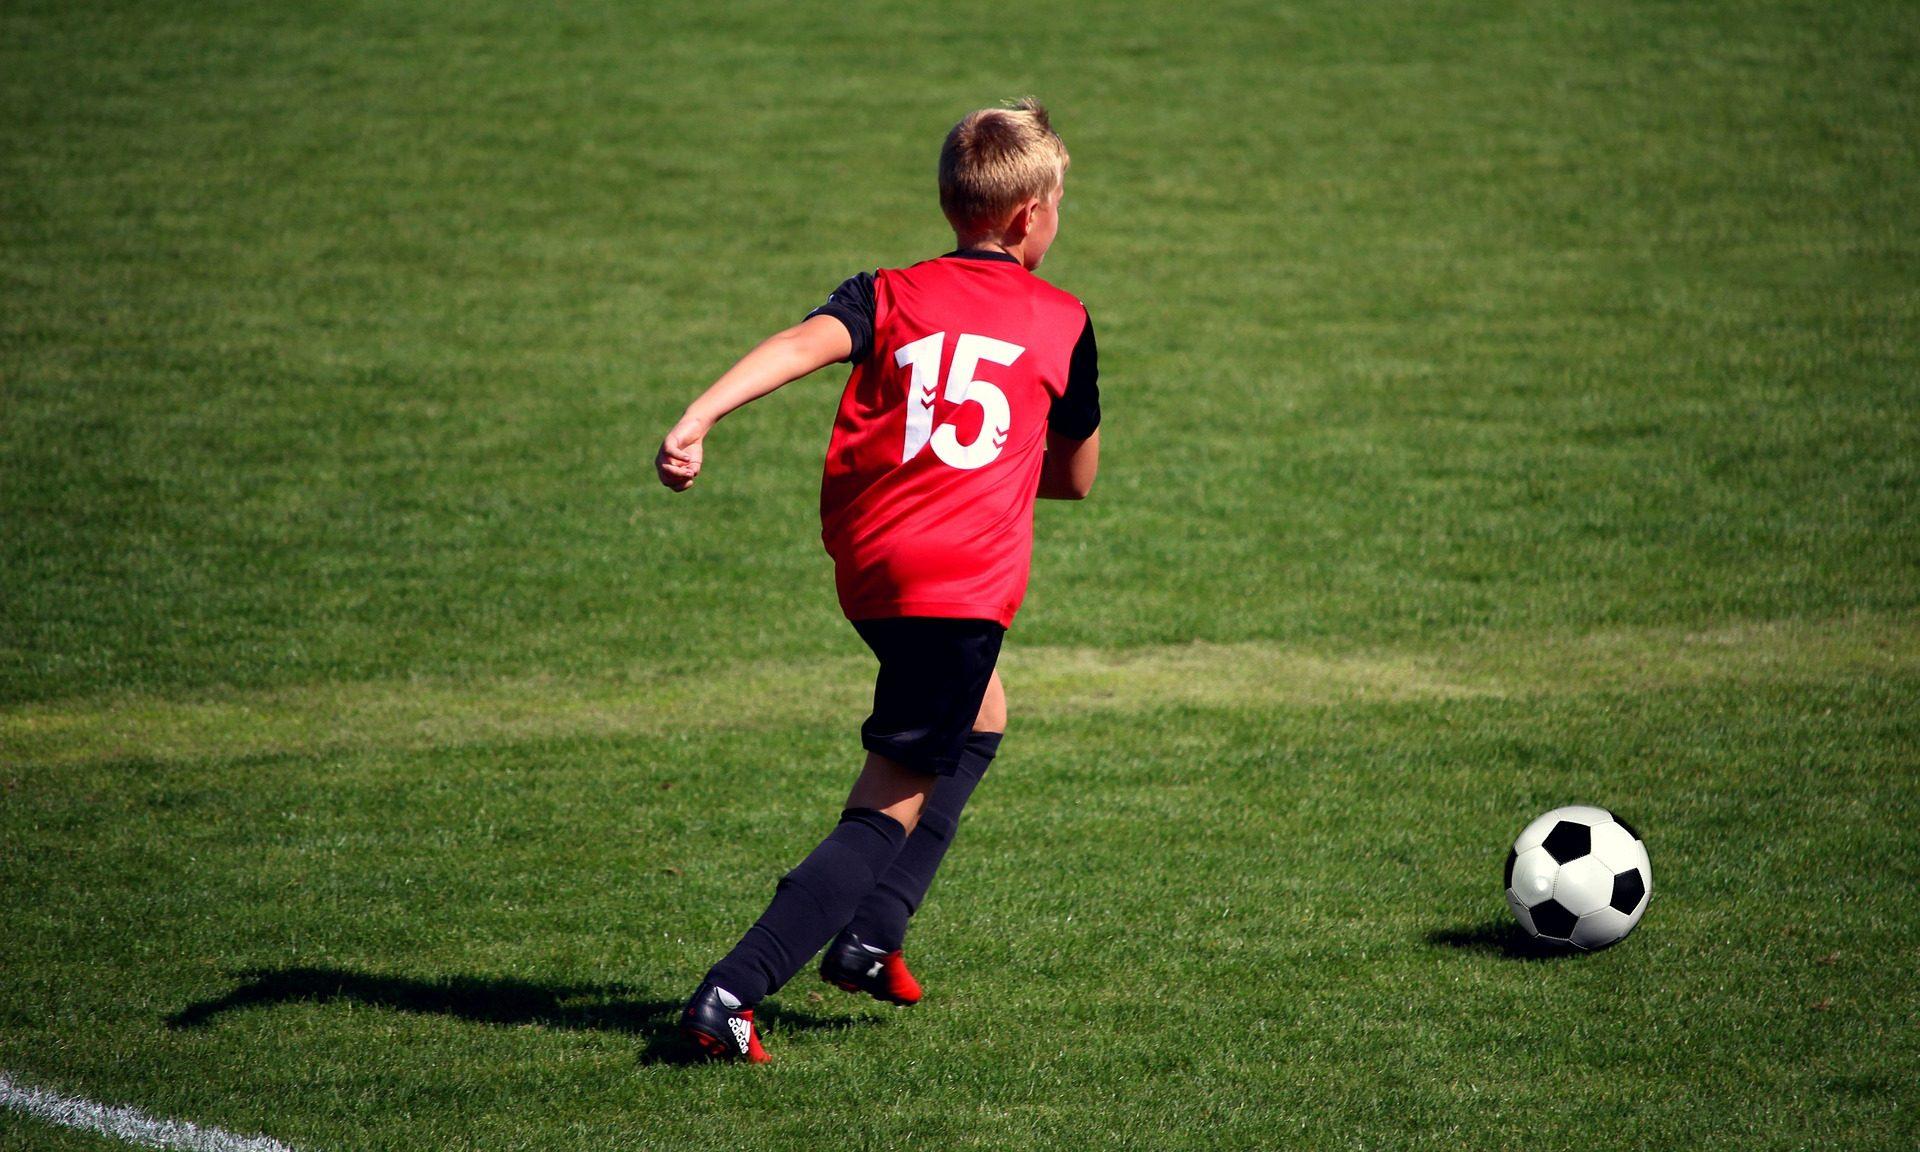 jalkapallo, lapsi, urheilu, harrastus